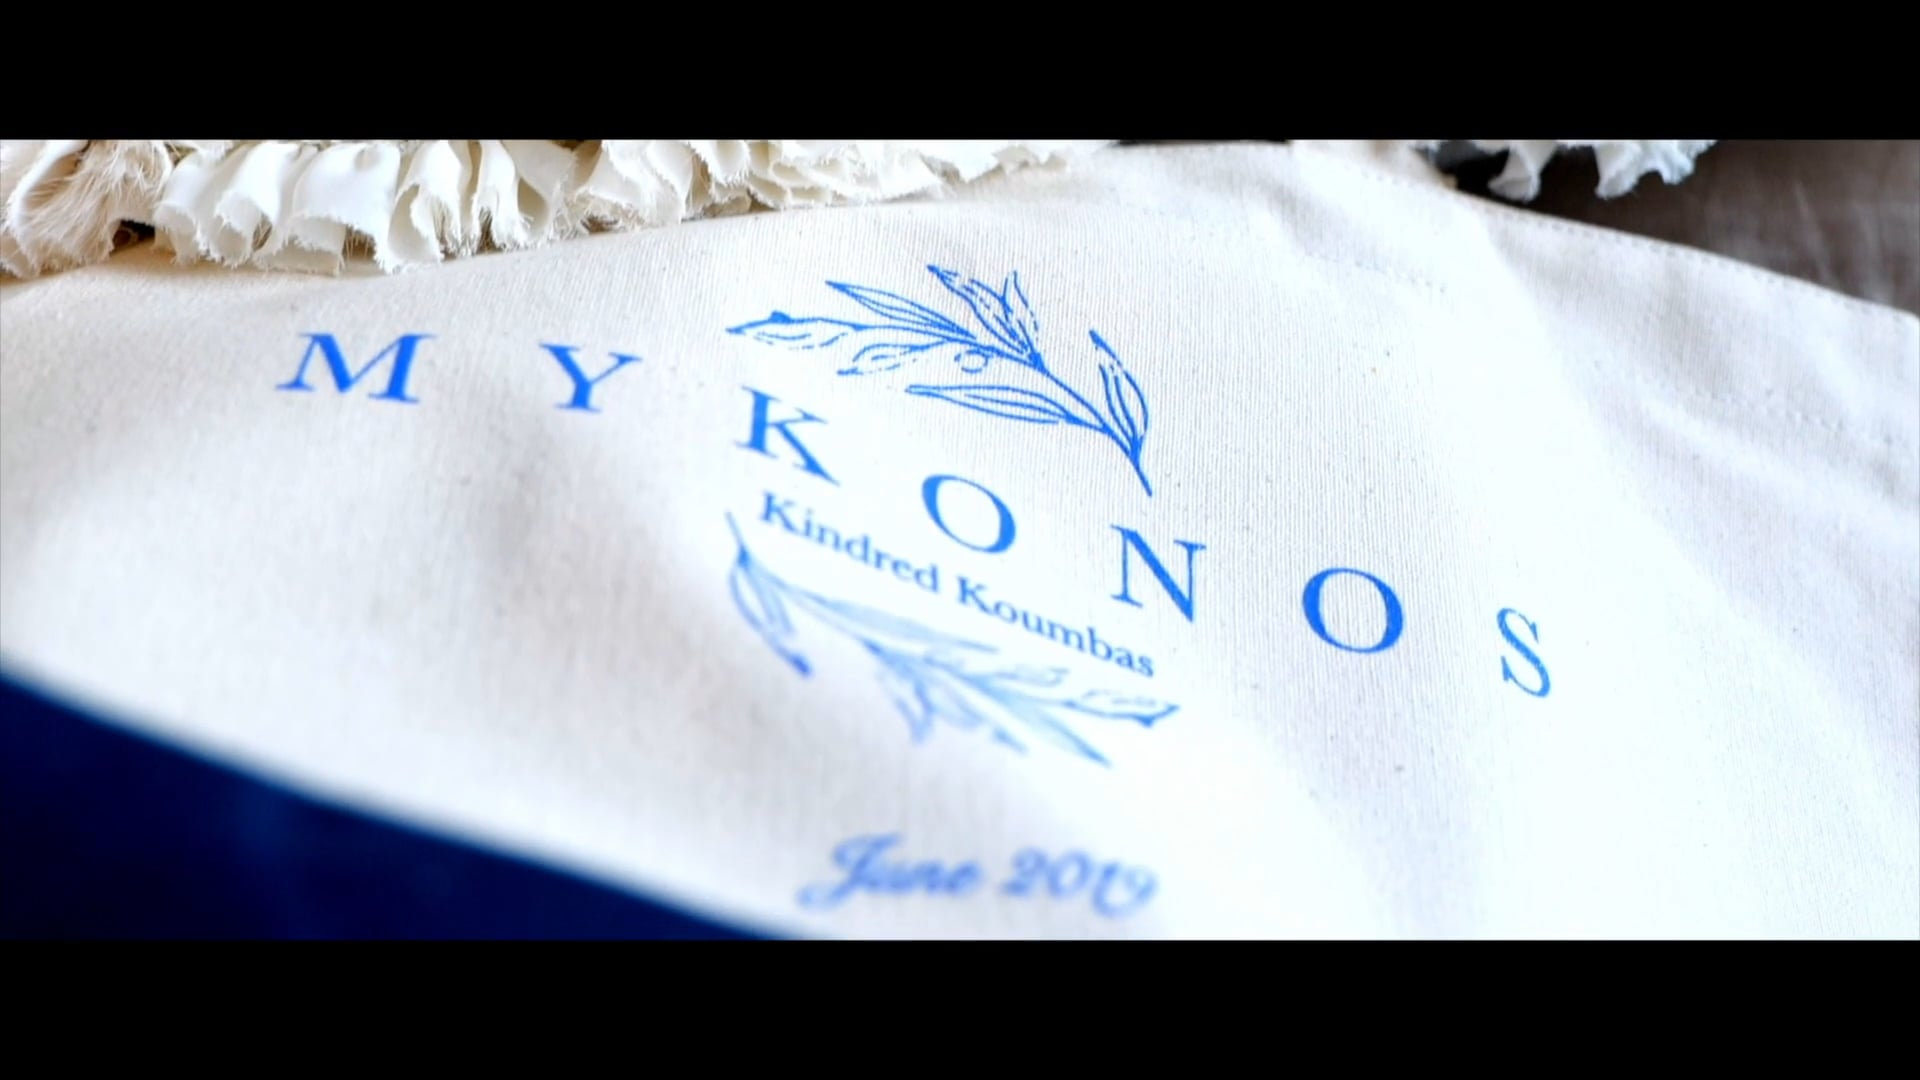 Kindred Koumbas - Wedding Fairytale Film